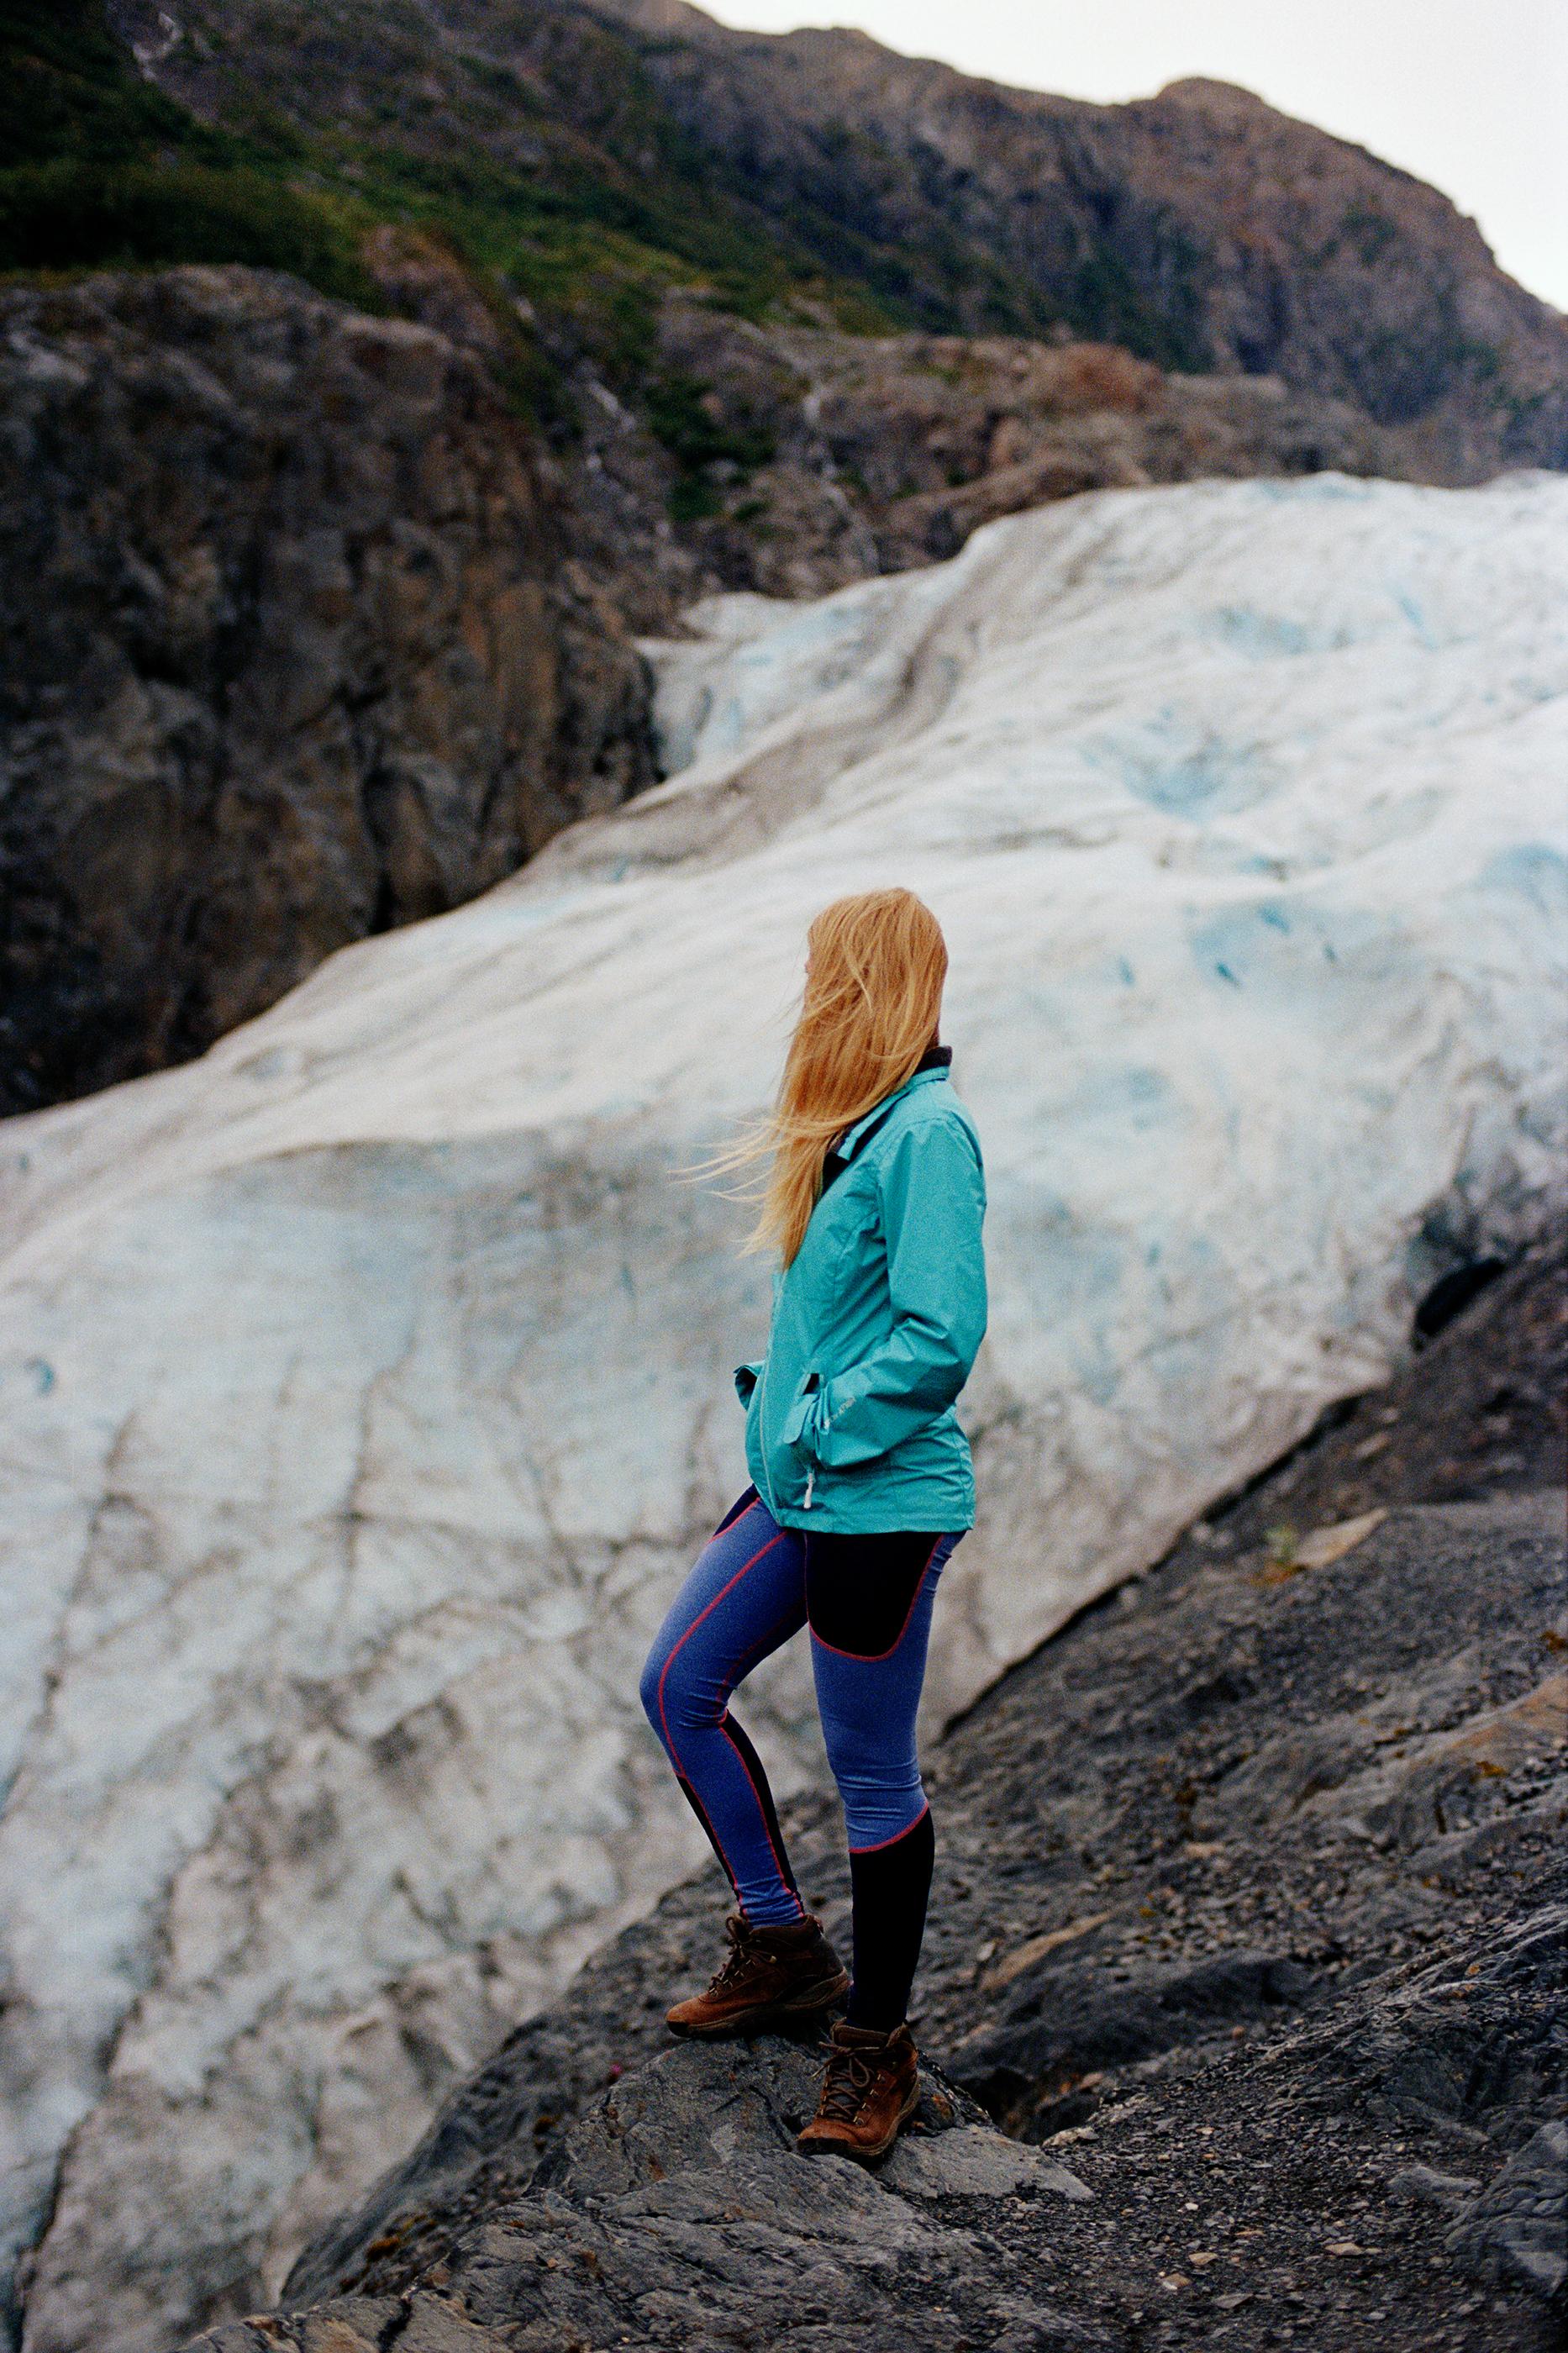 Alaska-karaGlacier.jpg